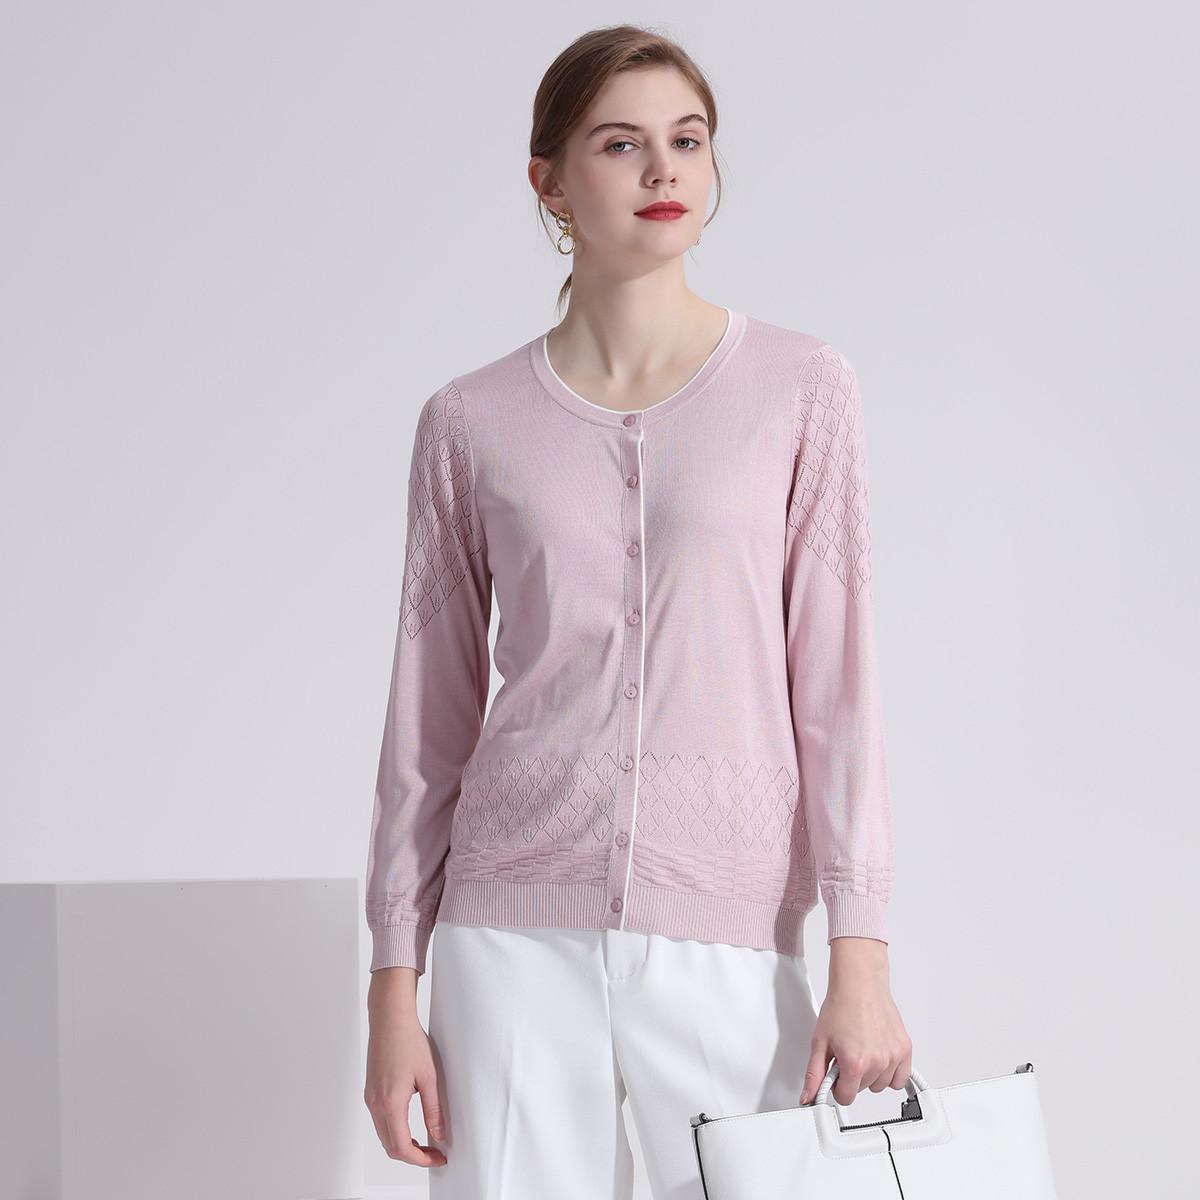 兆君【镂空花型】100%桑蚕丝圆领薄款长袖短上衣真丝开衫女式外套ZSN4602H5172